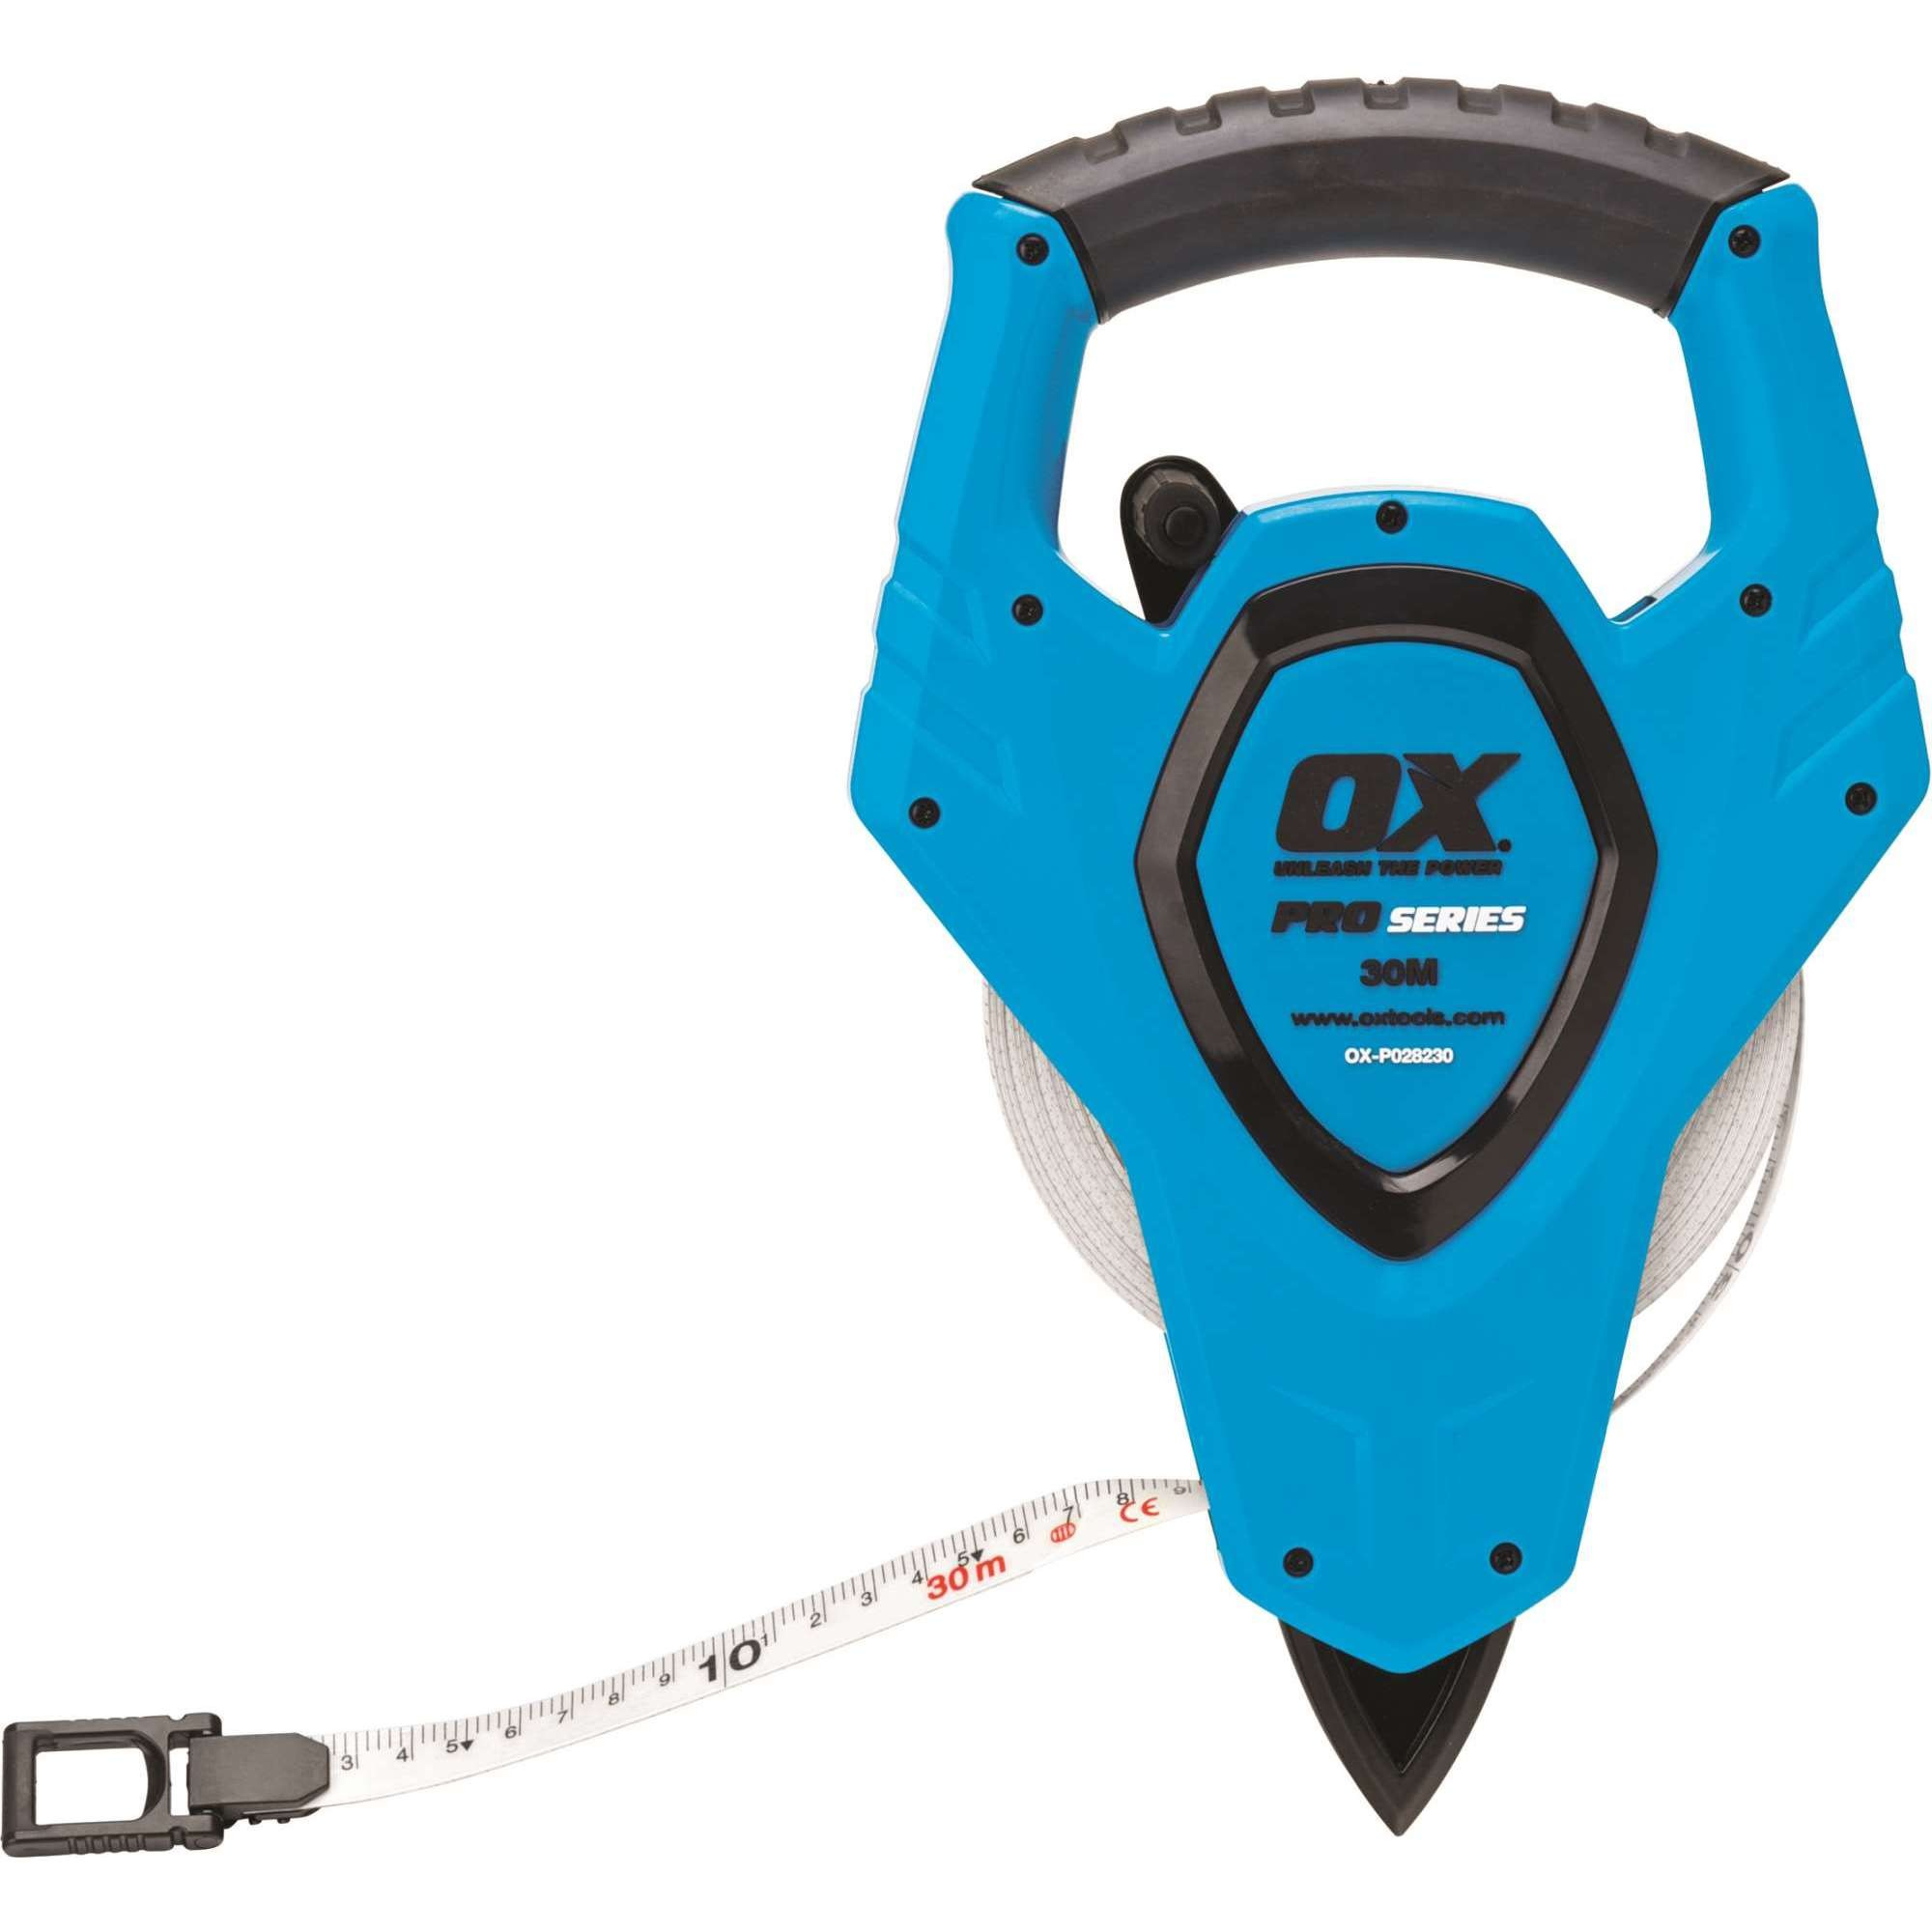 Ox Trade 30M Open Reel Tape Measure